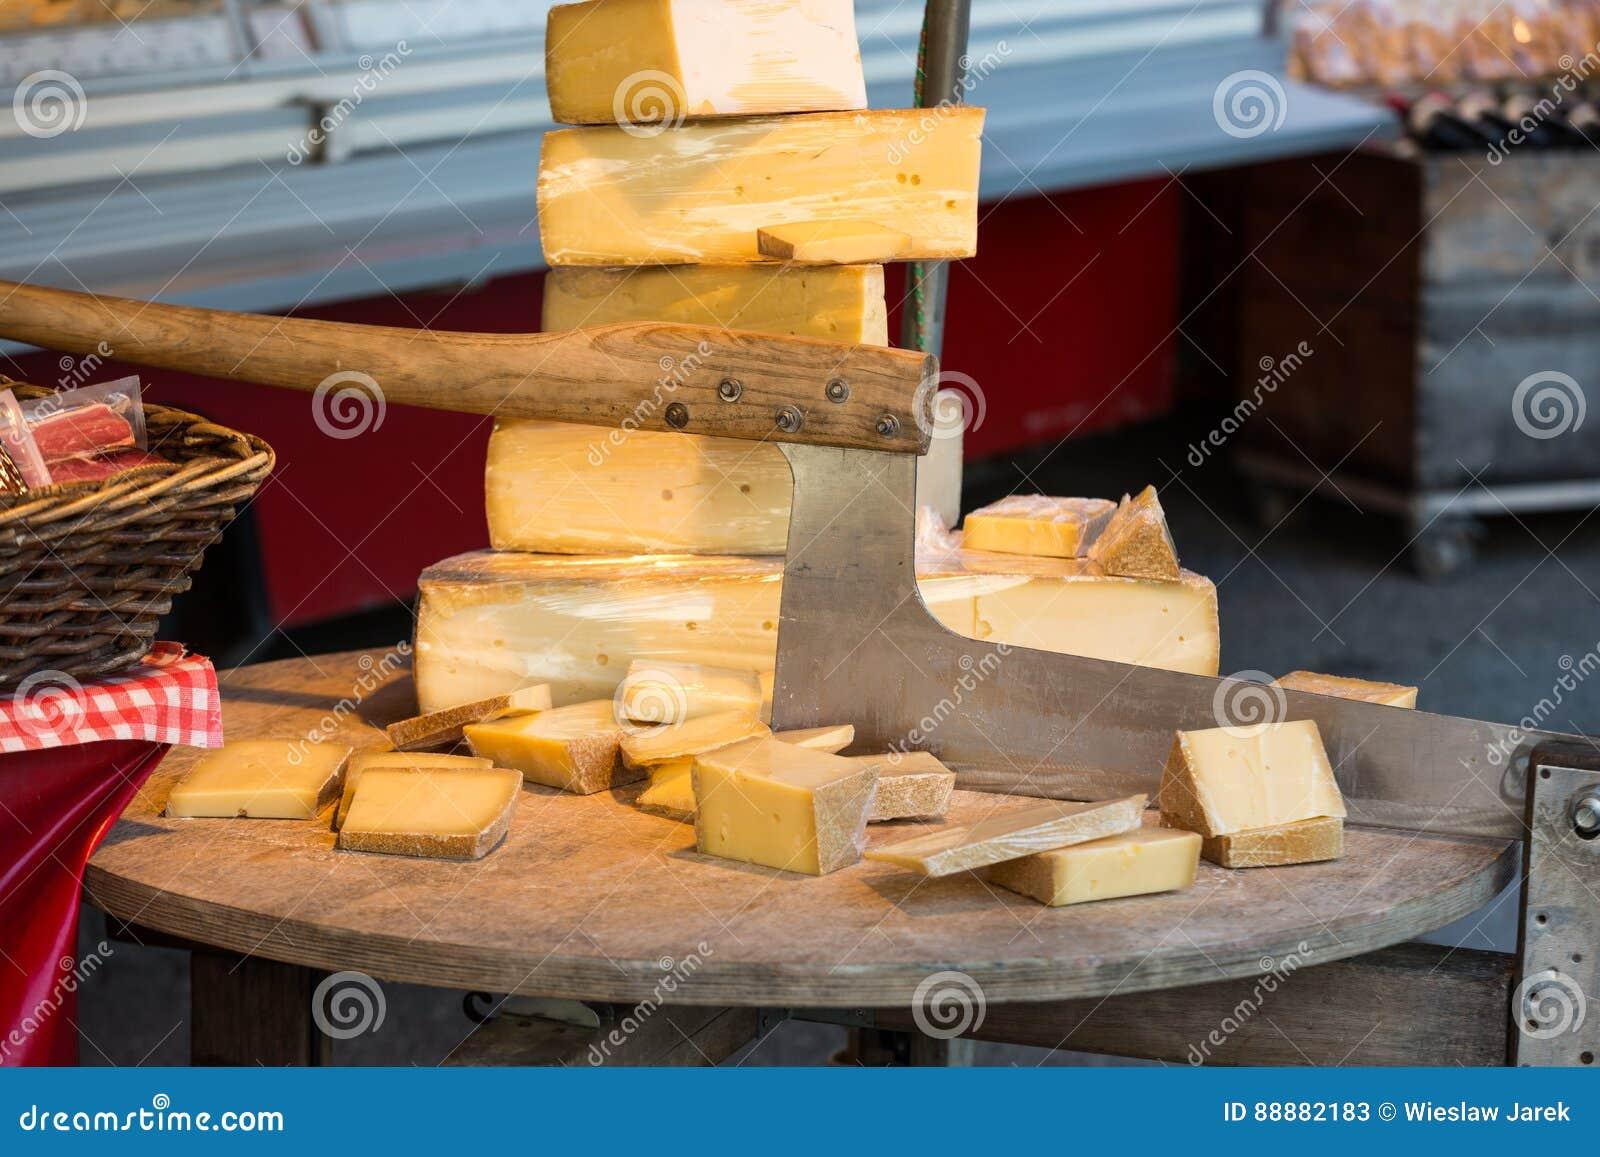 乳酪待售和为切乳酪或者砍刀使用的老切削刀在市场上在萨尔茨堡